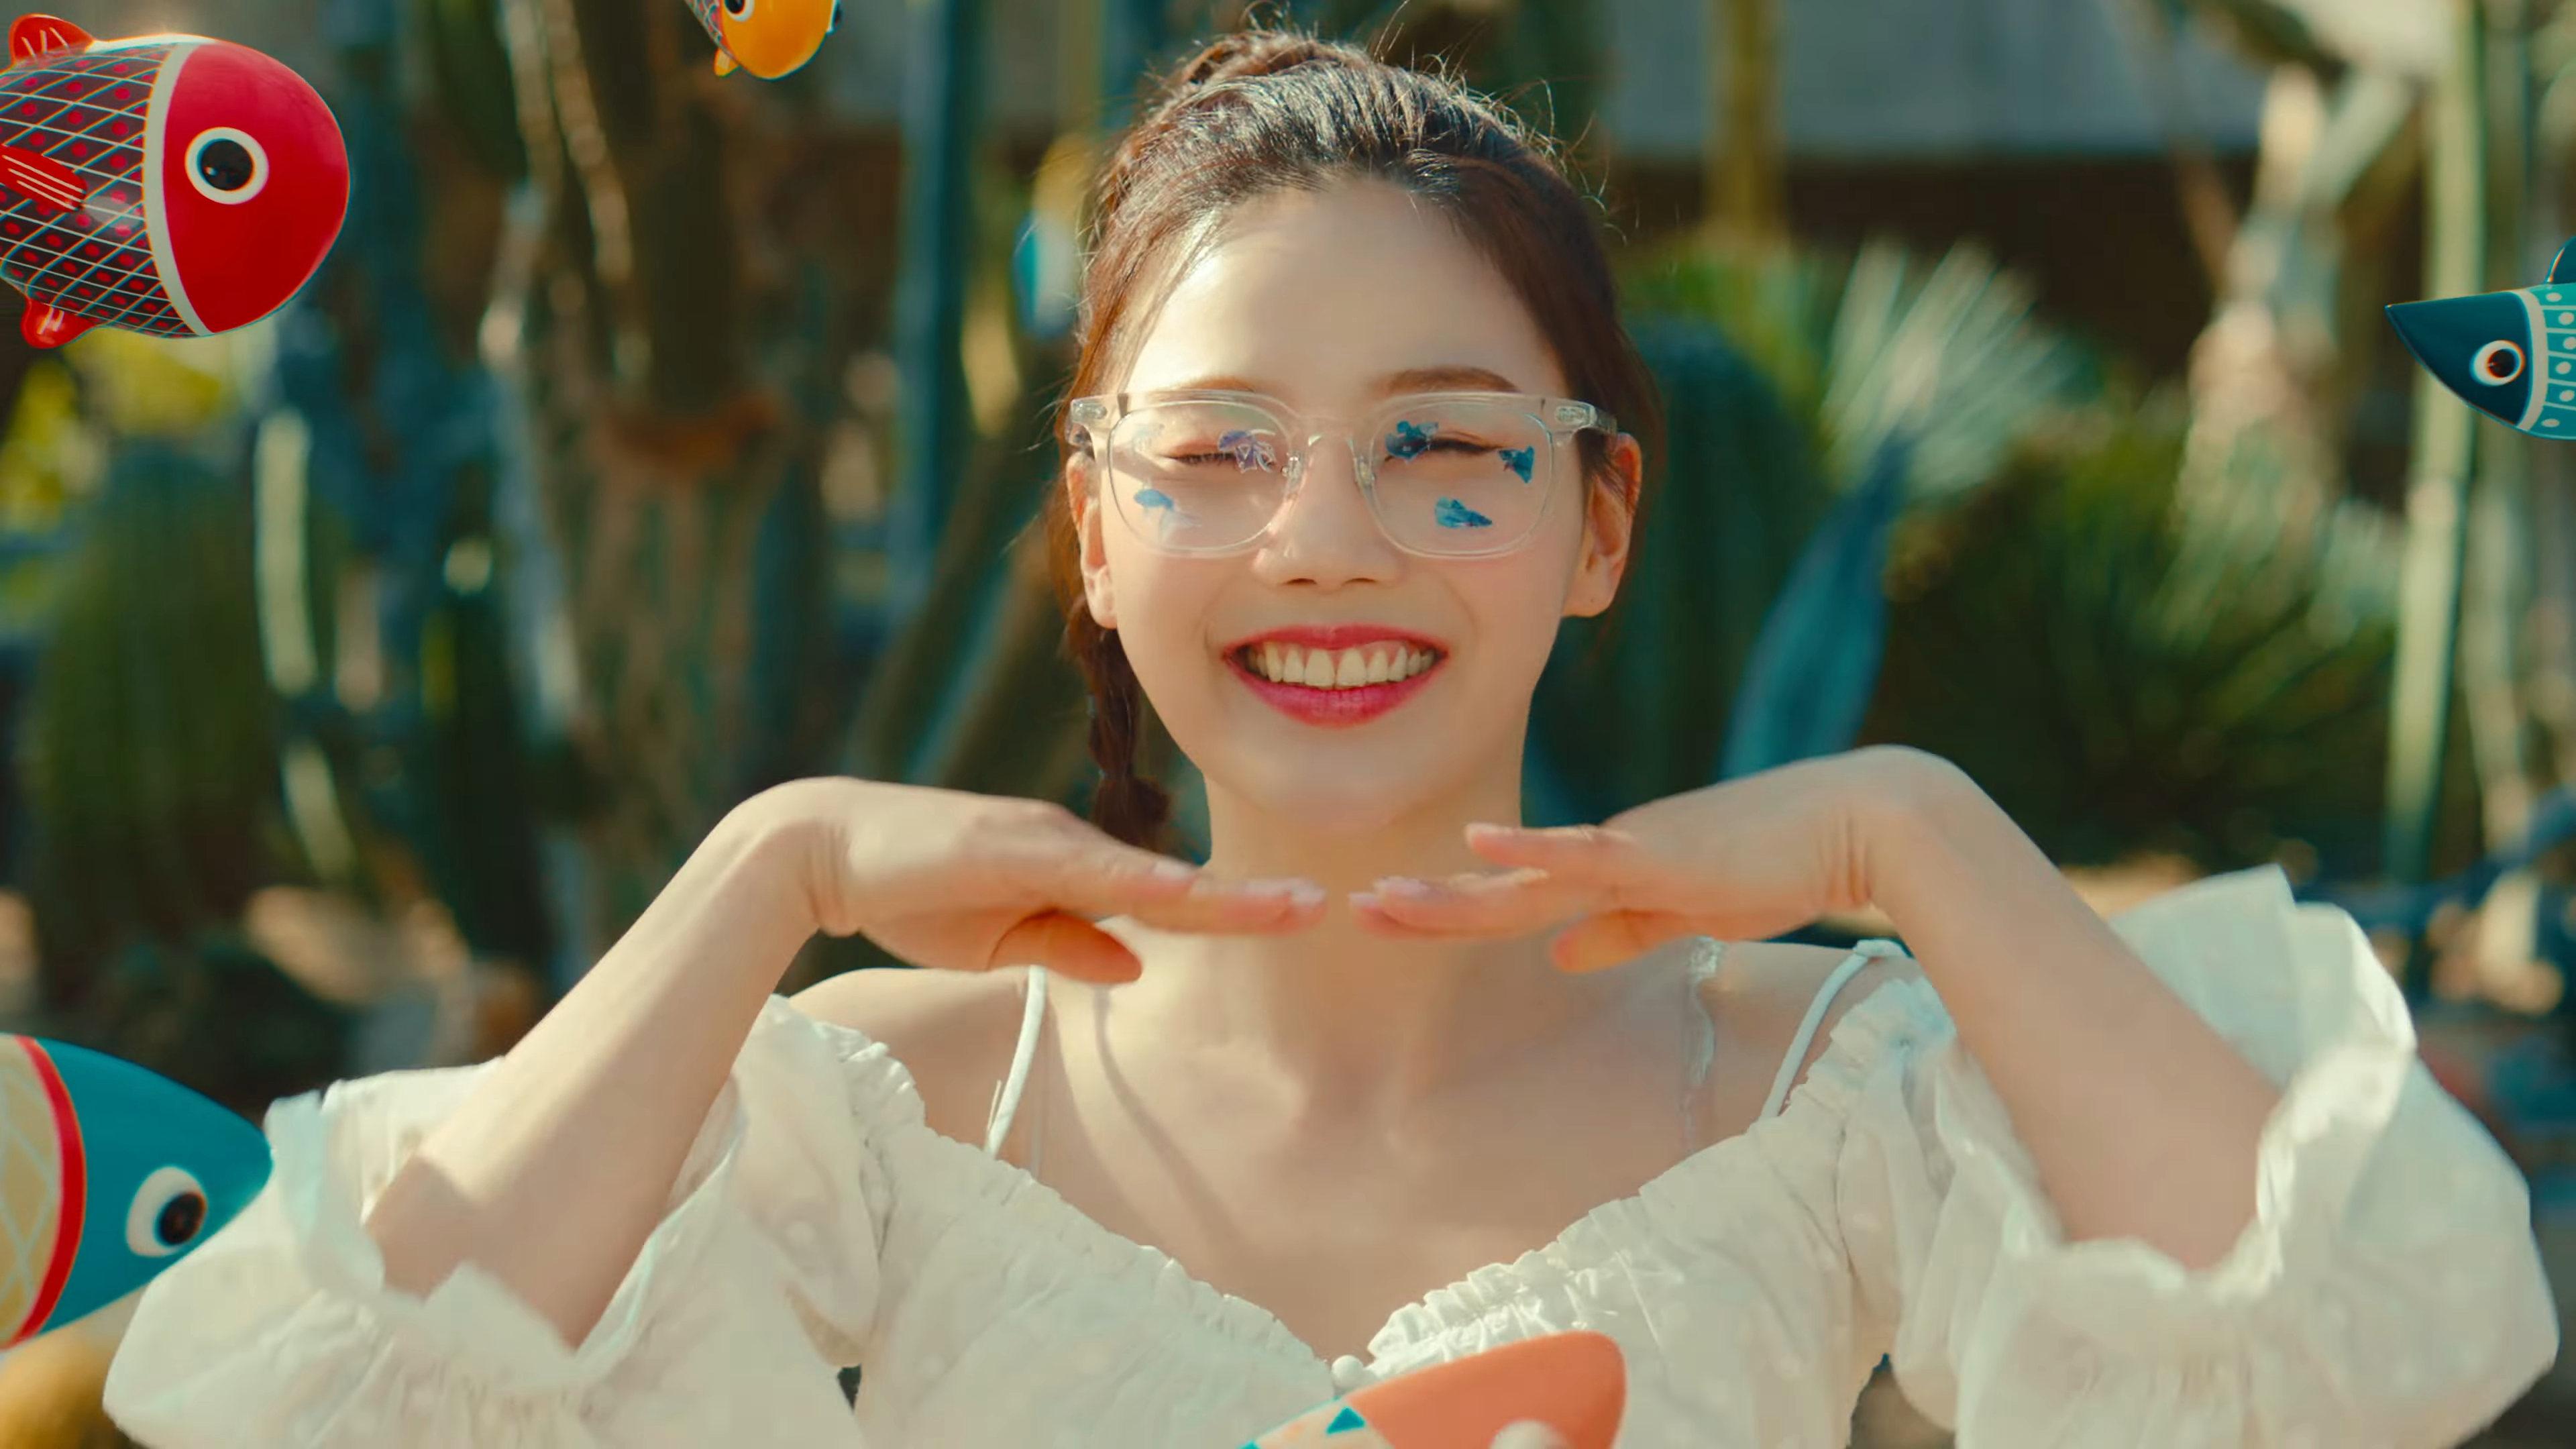 Oh_My_Girl_Dun_Dun_Dance_Hyojung_6